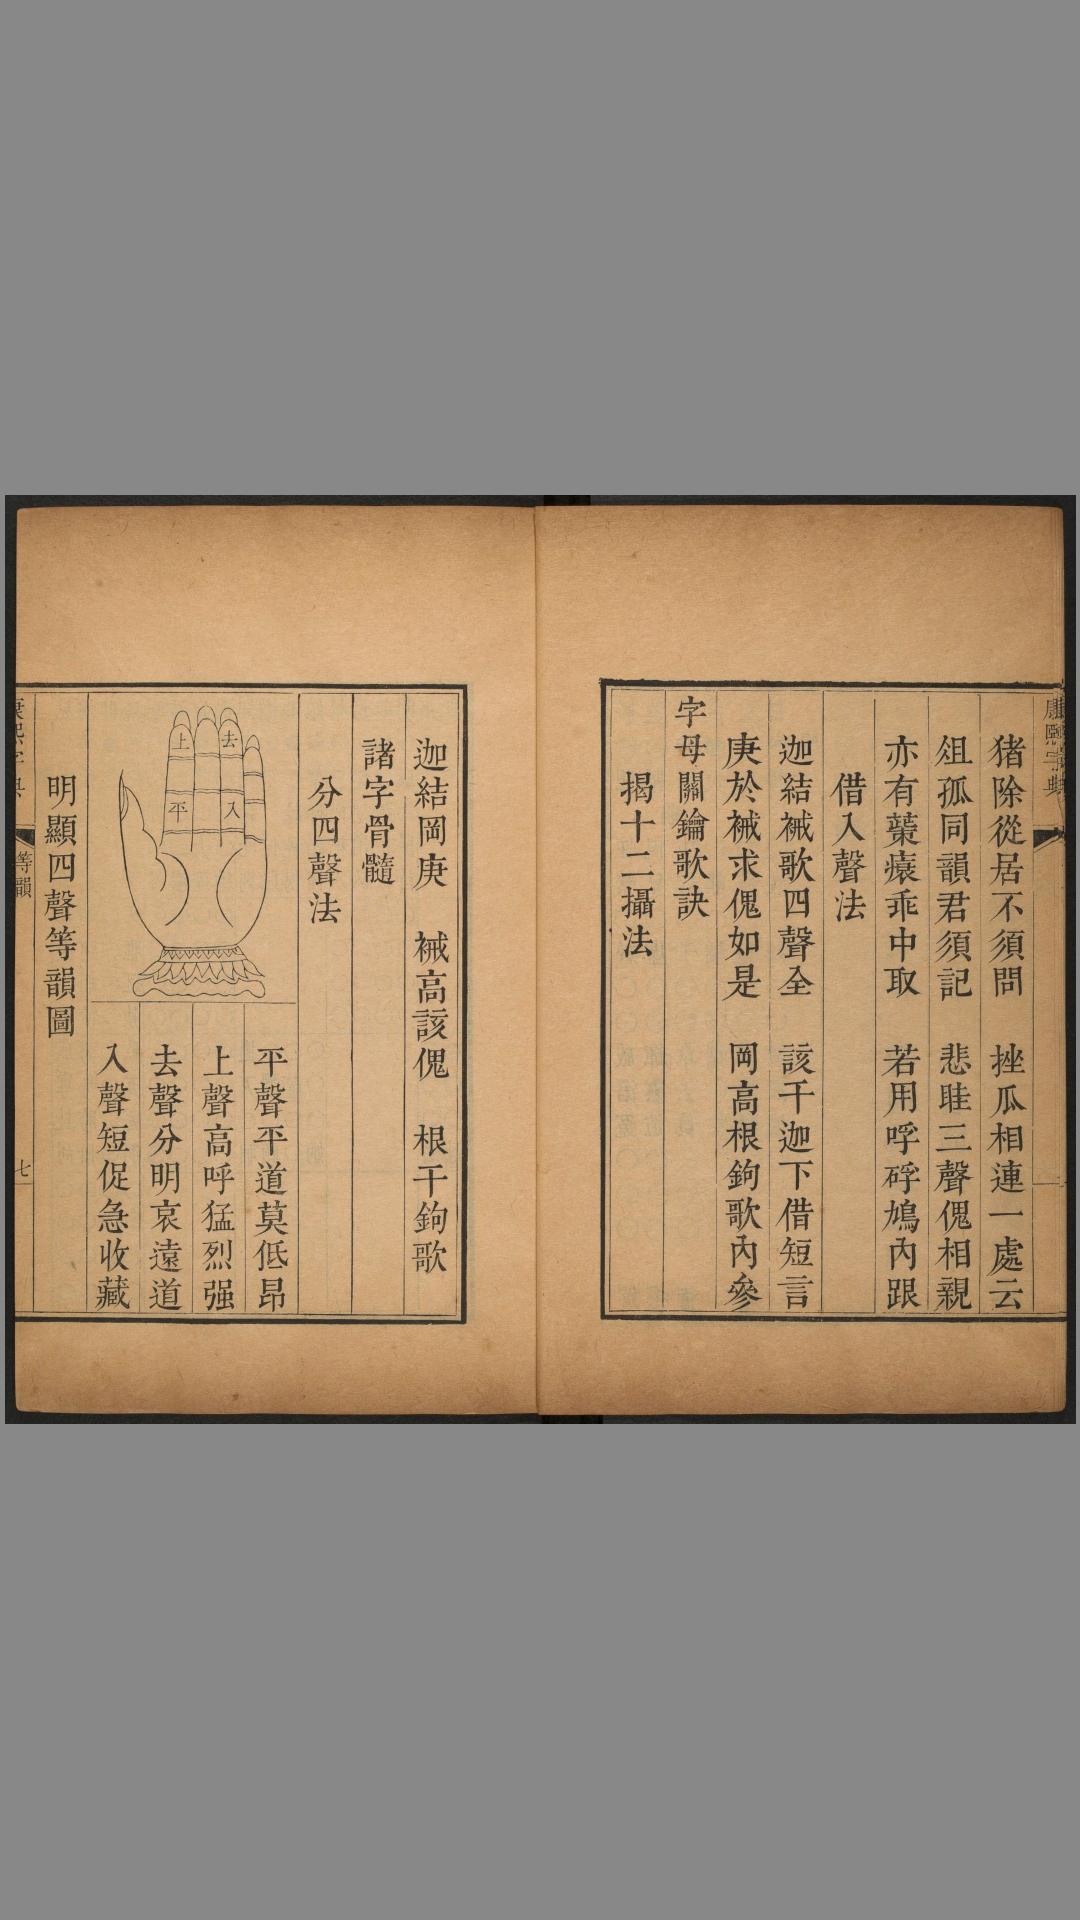 《康熙字典》36卷.张玉书等纂.清康熙55年内府刊本.1716年